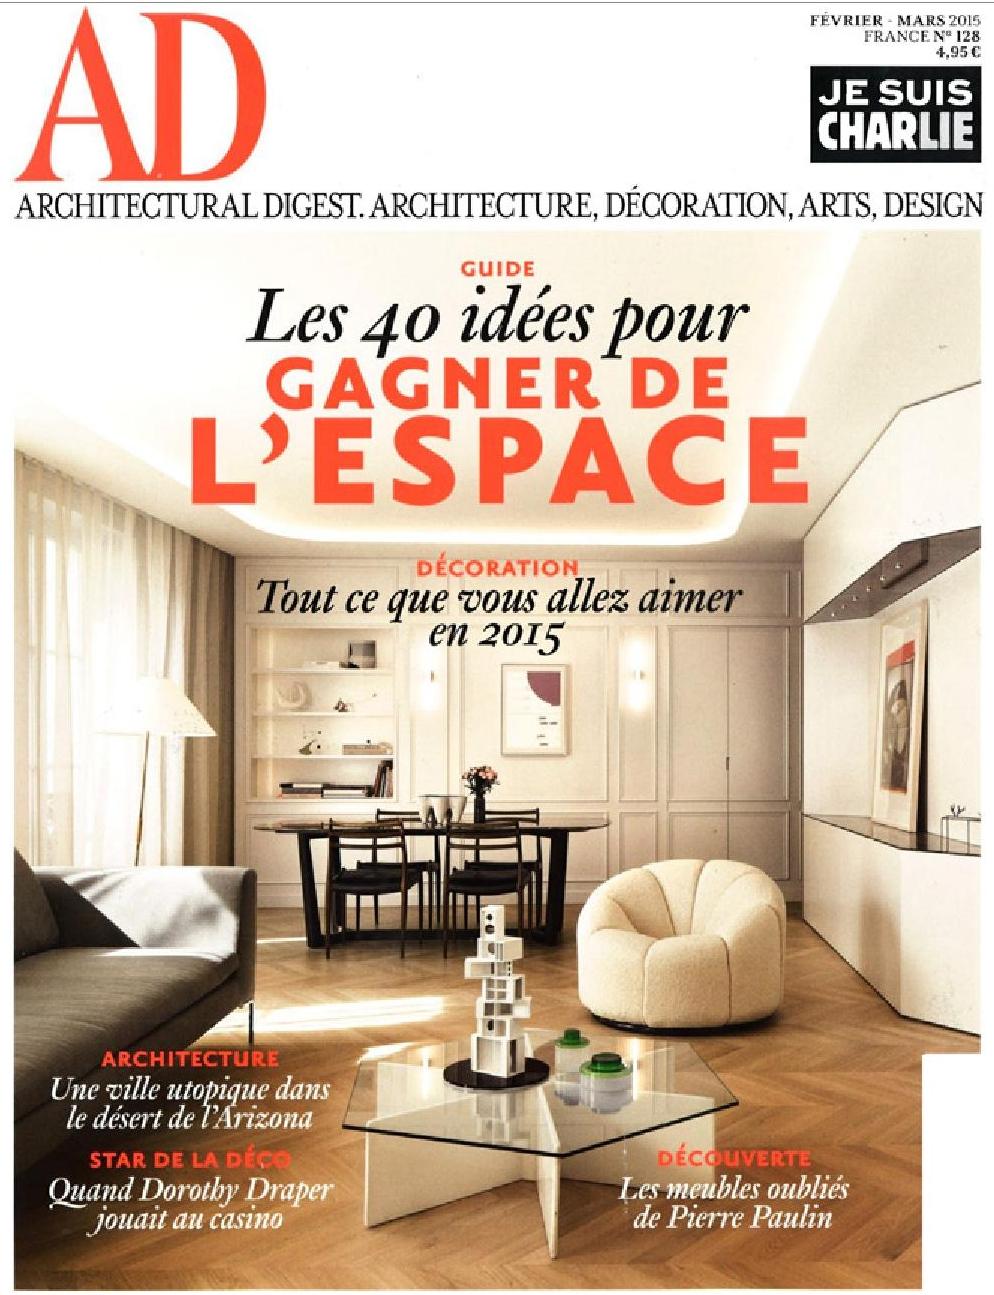 EF_Press_AD_FEB-MAR15-page-001.jpg